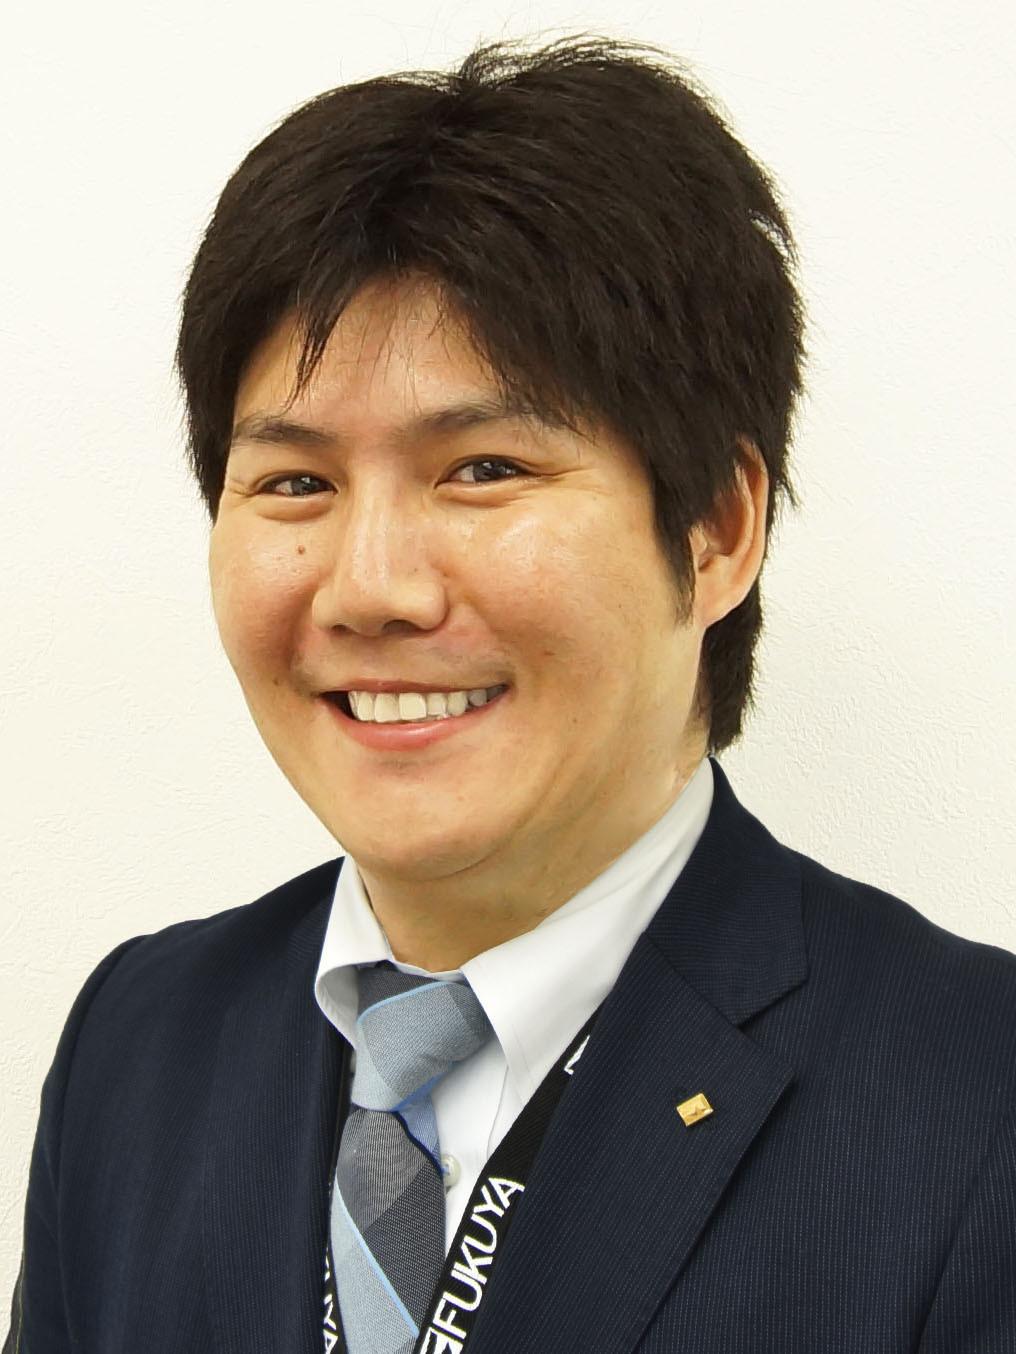 千 宗修(せん ひろみち)